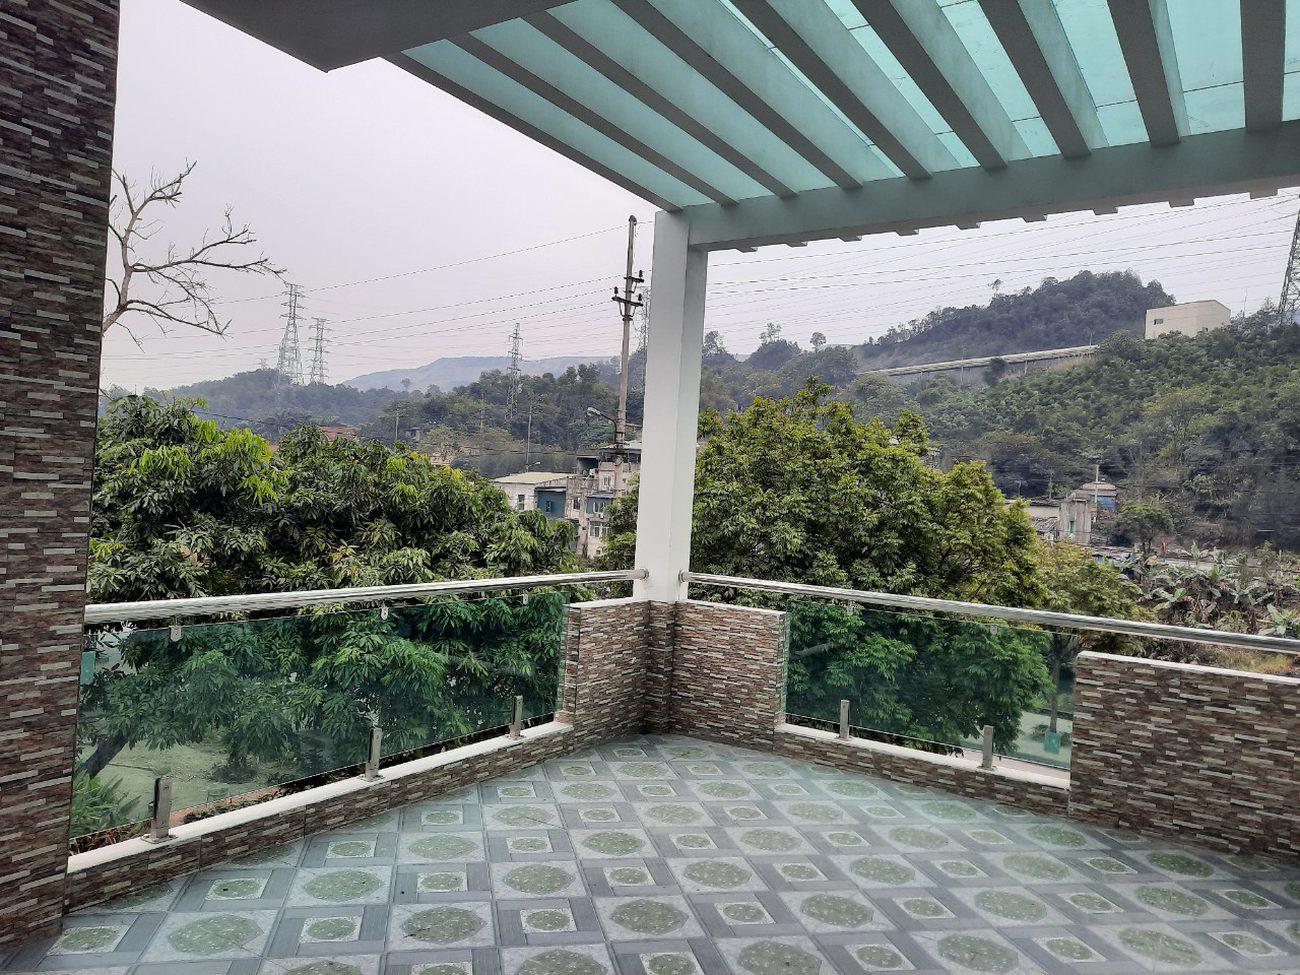 ho-mshangs-house-in-quang-ninh-glass-roofjpg-1629794680.jpg